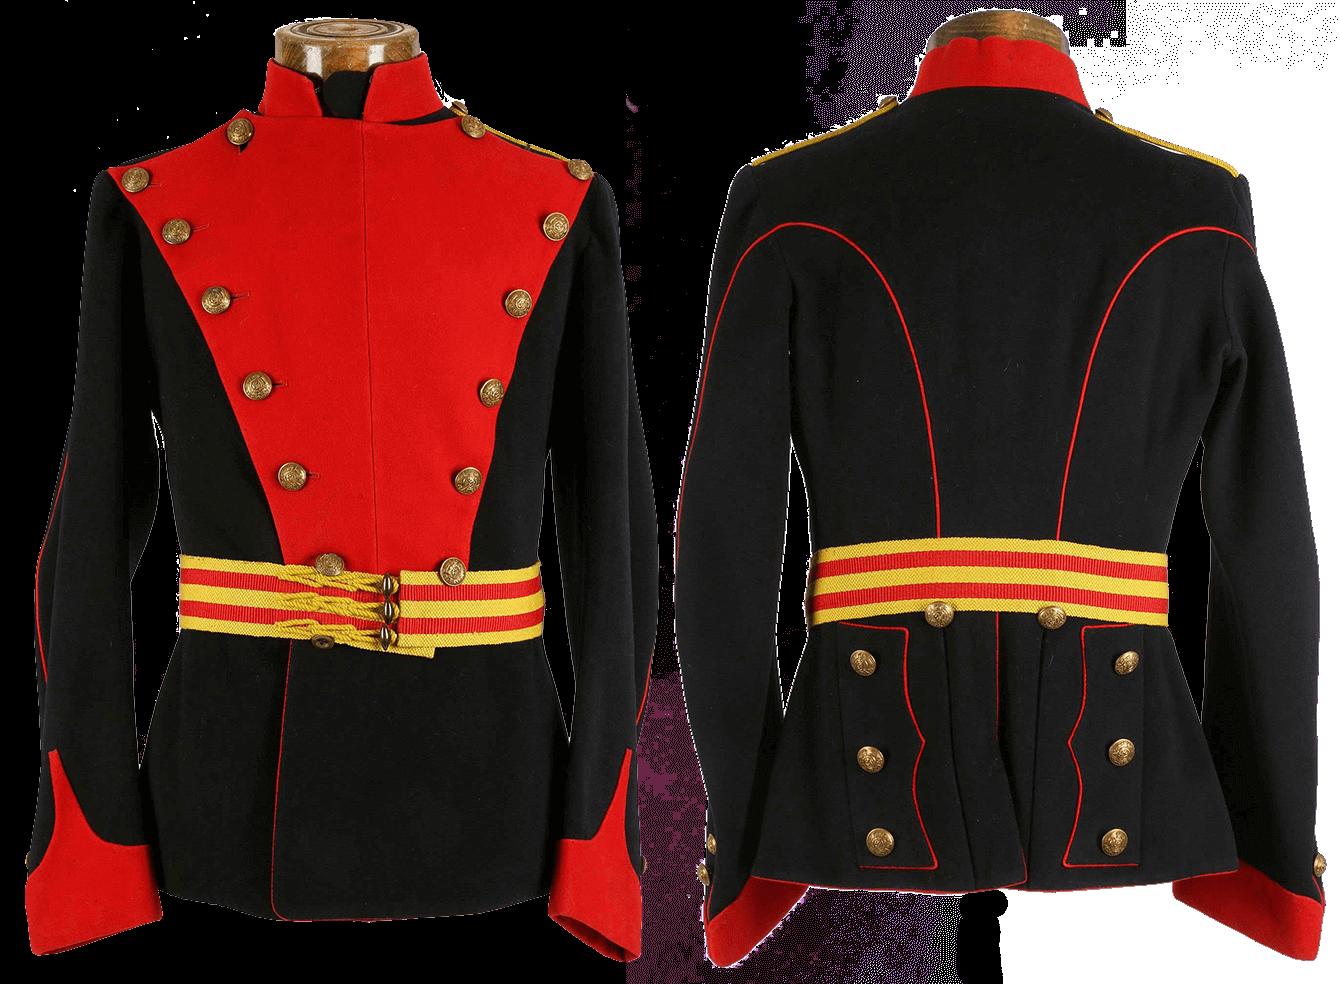 Мундир рядового 5 Королевского Ирландского уланского полка